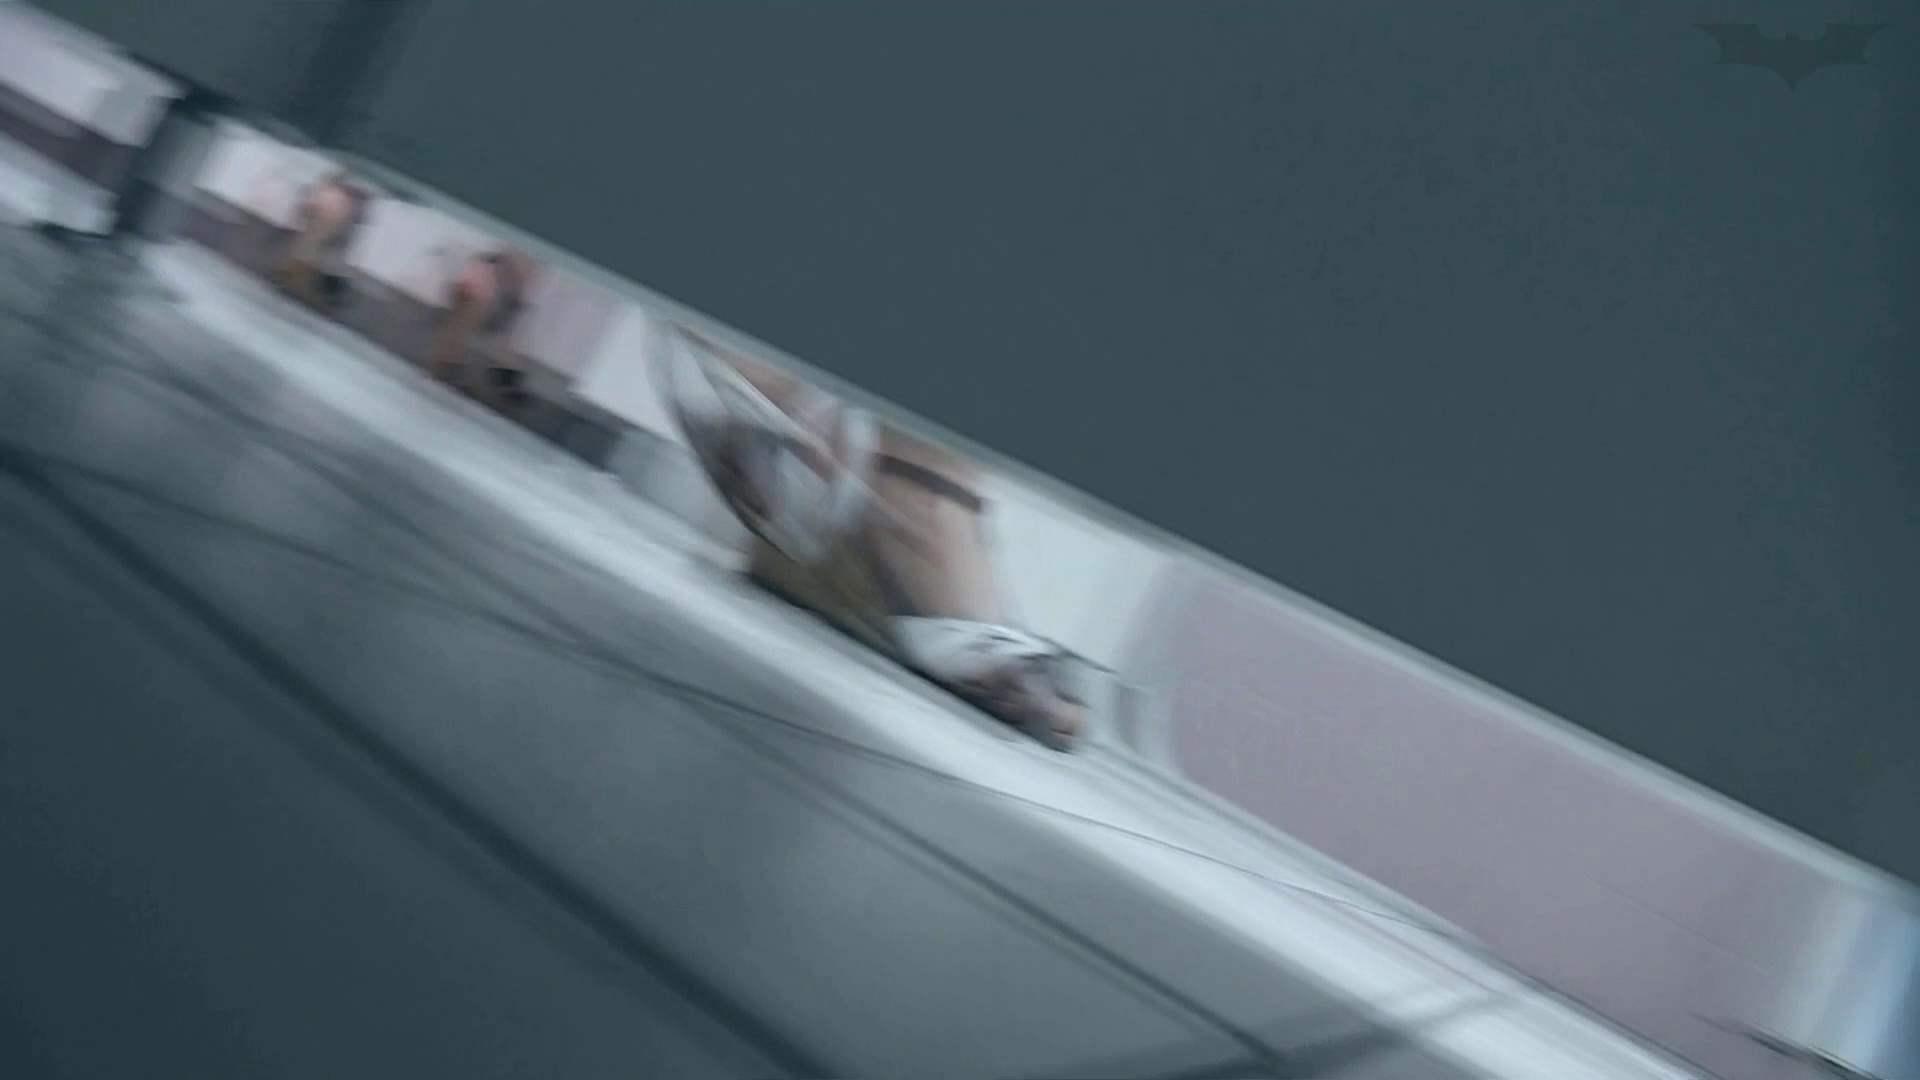 美しい日本の未来 No.09 オールフロント!【2015・21位】 ギャル攻め われめAV動画紹介 49画像 44